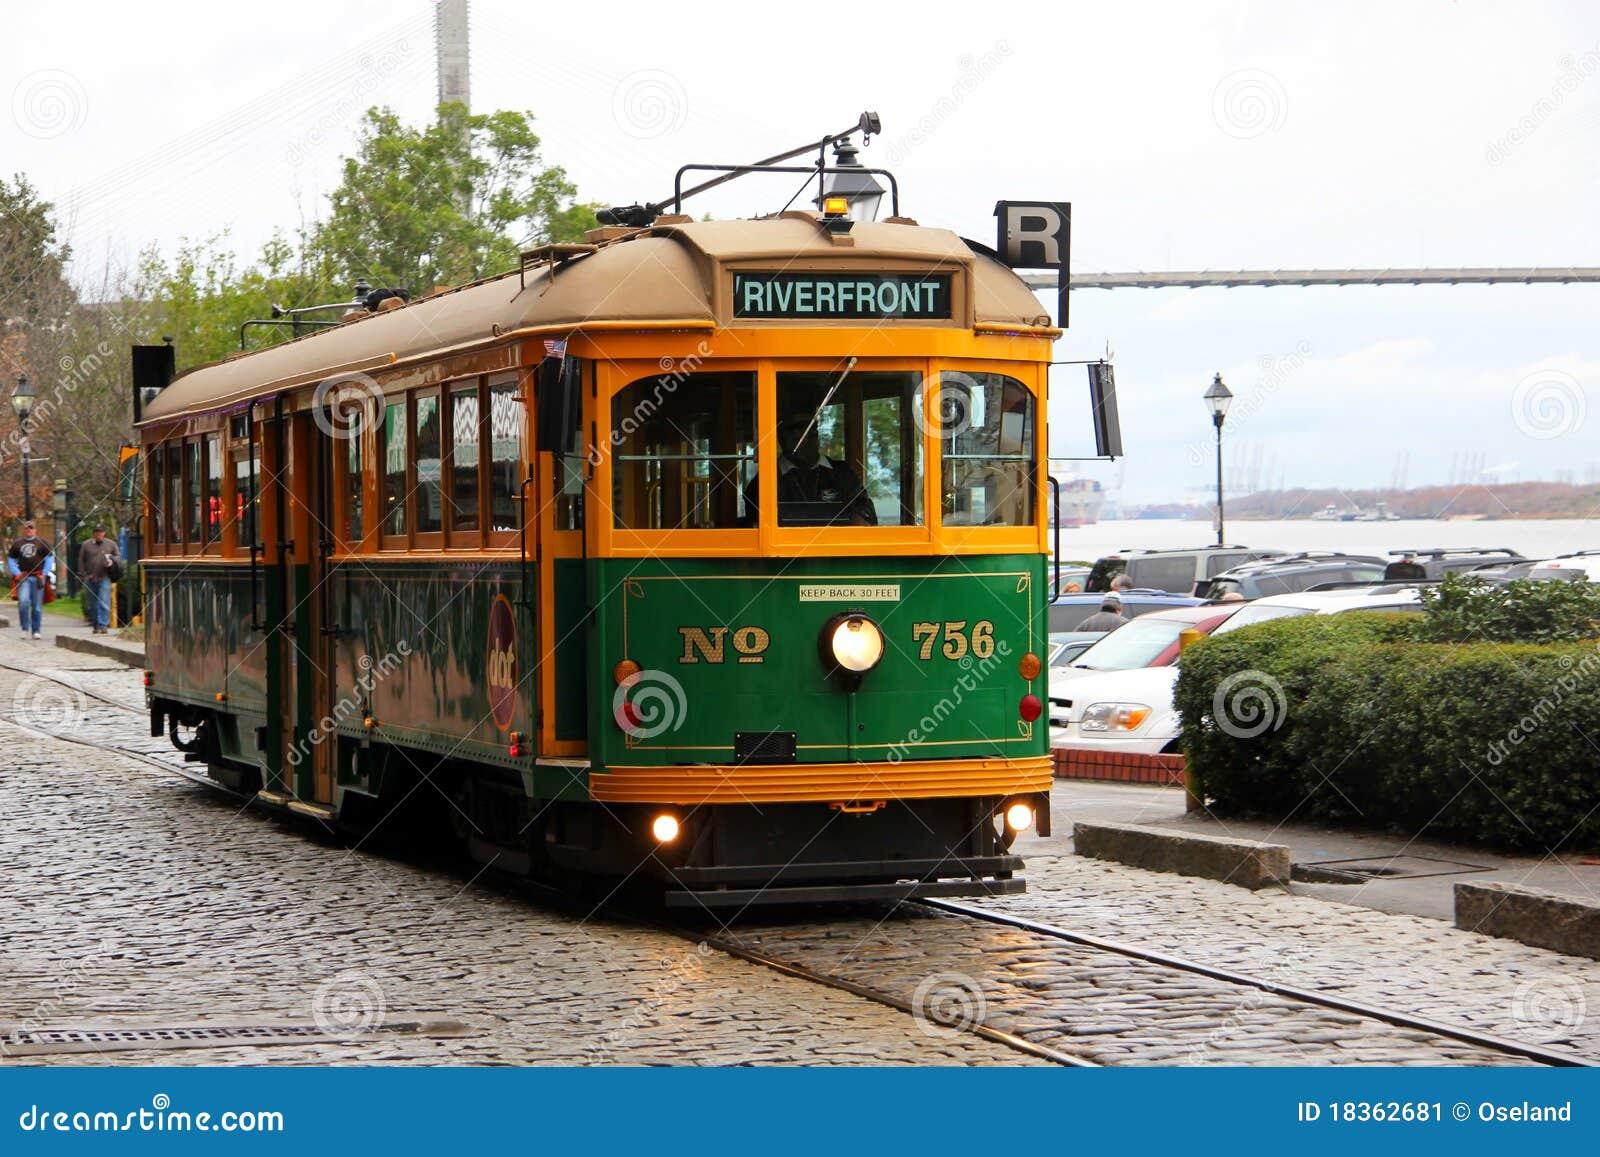 Trolley Car: Savannah Trolley Car Editorial Photo